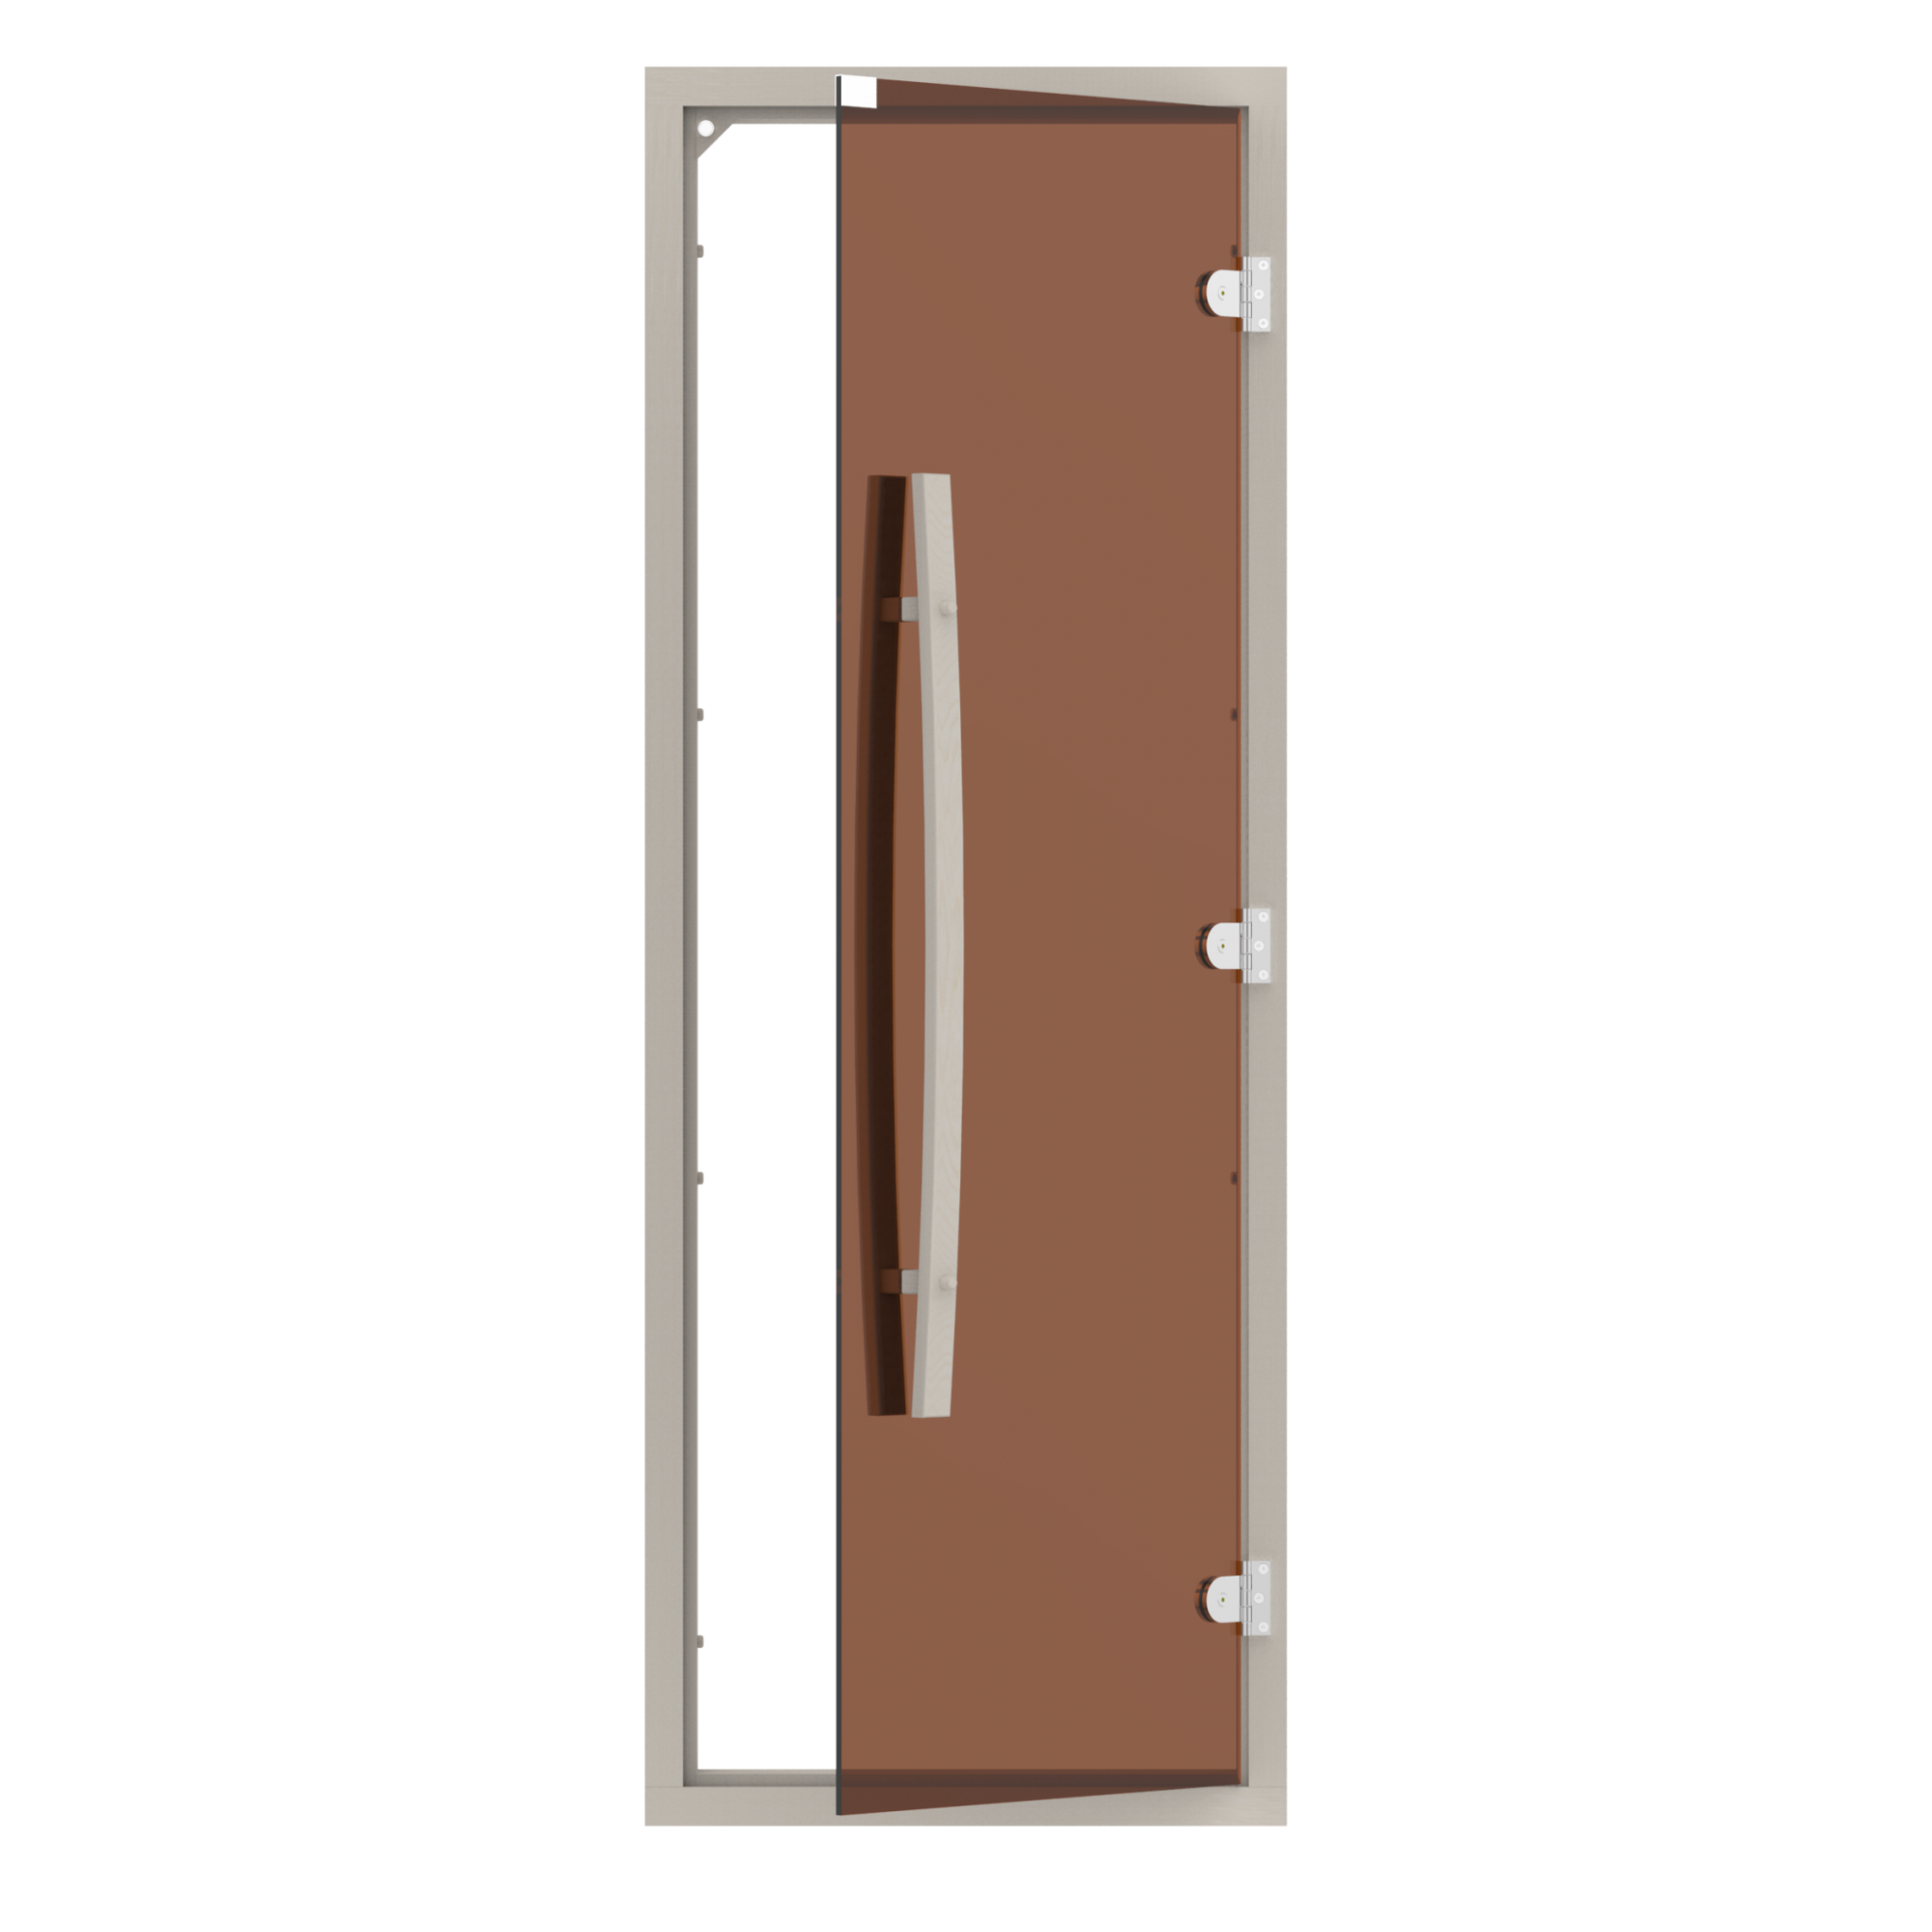 Двери: Комплект двери SAWO 741-4SGA-1 с бронзовым стеклом (осина, с порогом, изогнутая ручка) двери для сауны ярославль